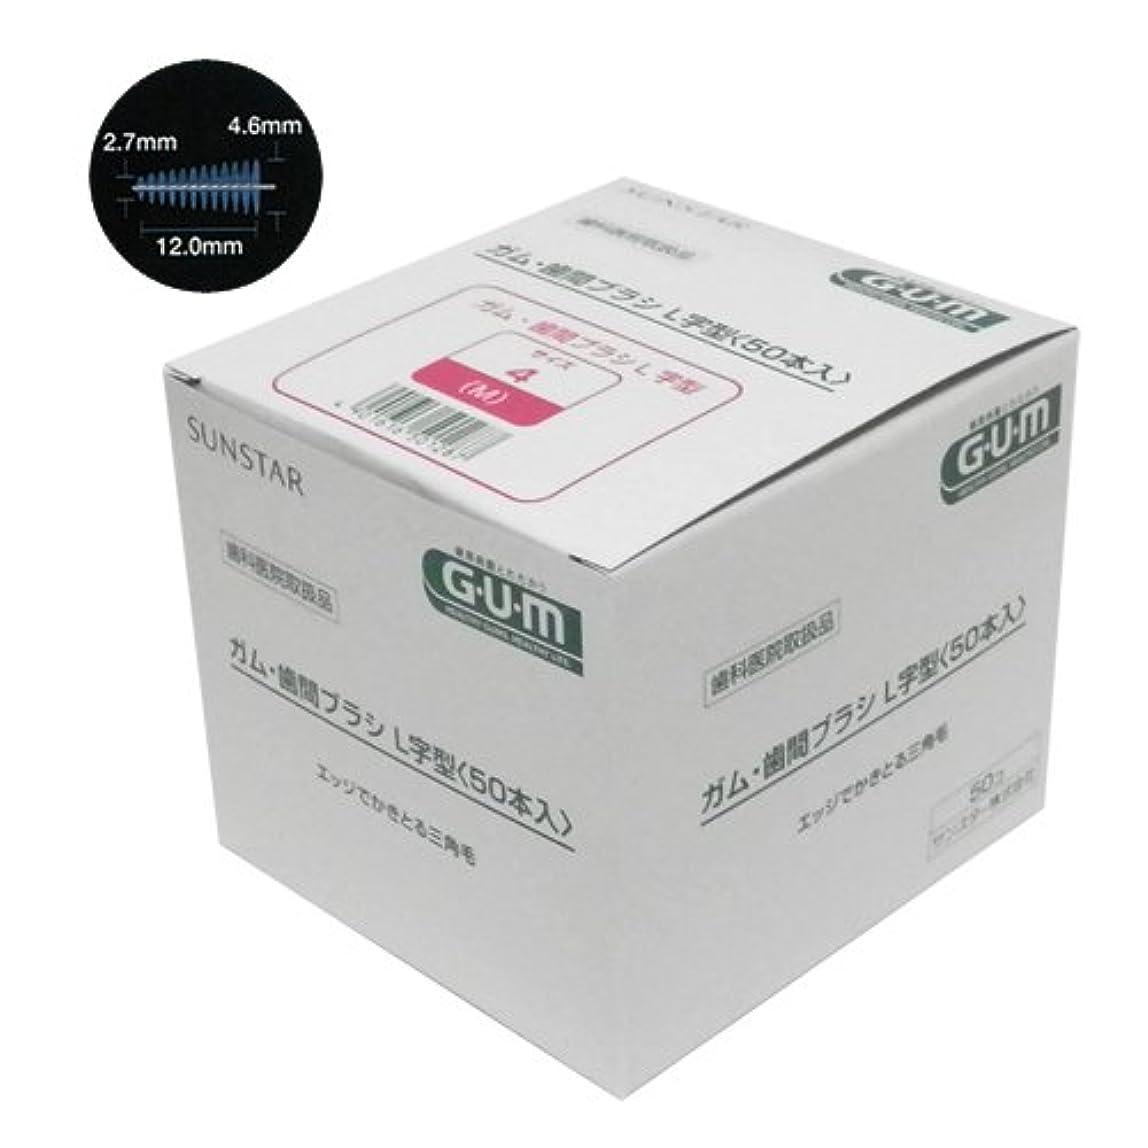 傷つきやすいエレガントいまサンスター ガム 歯間ブラシ L字型 50本入 (M(ピンク))